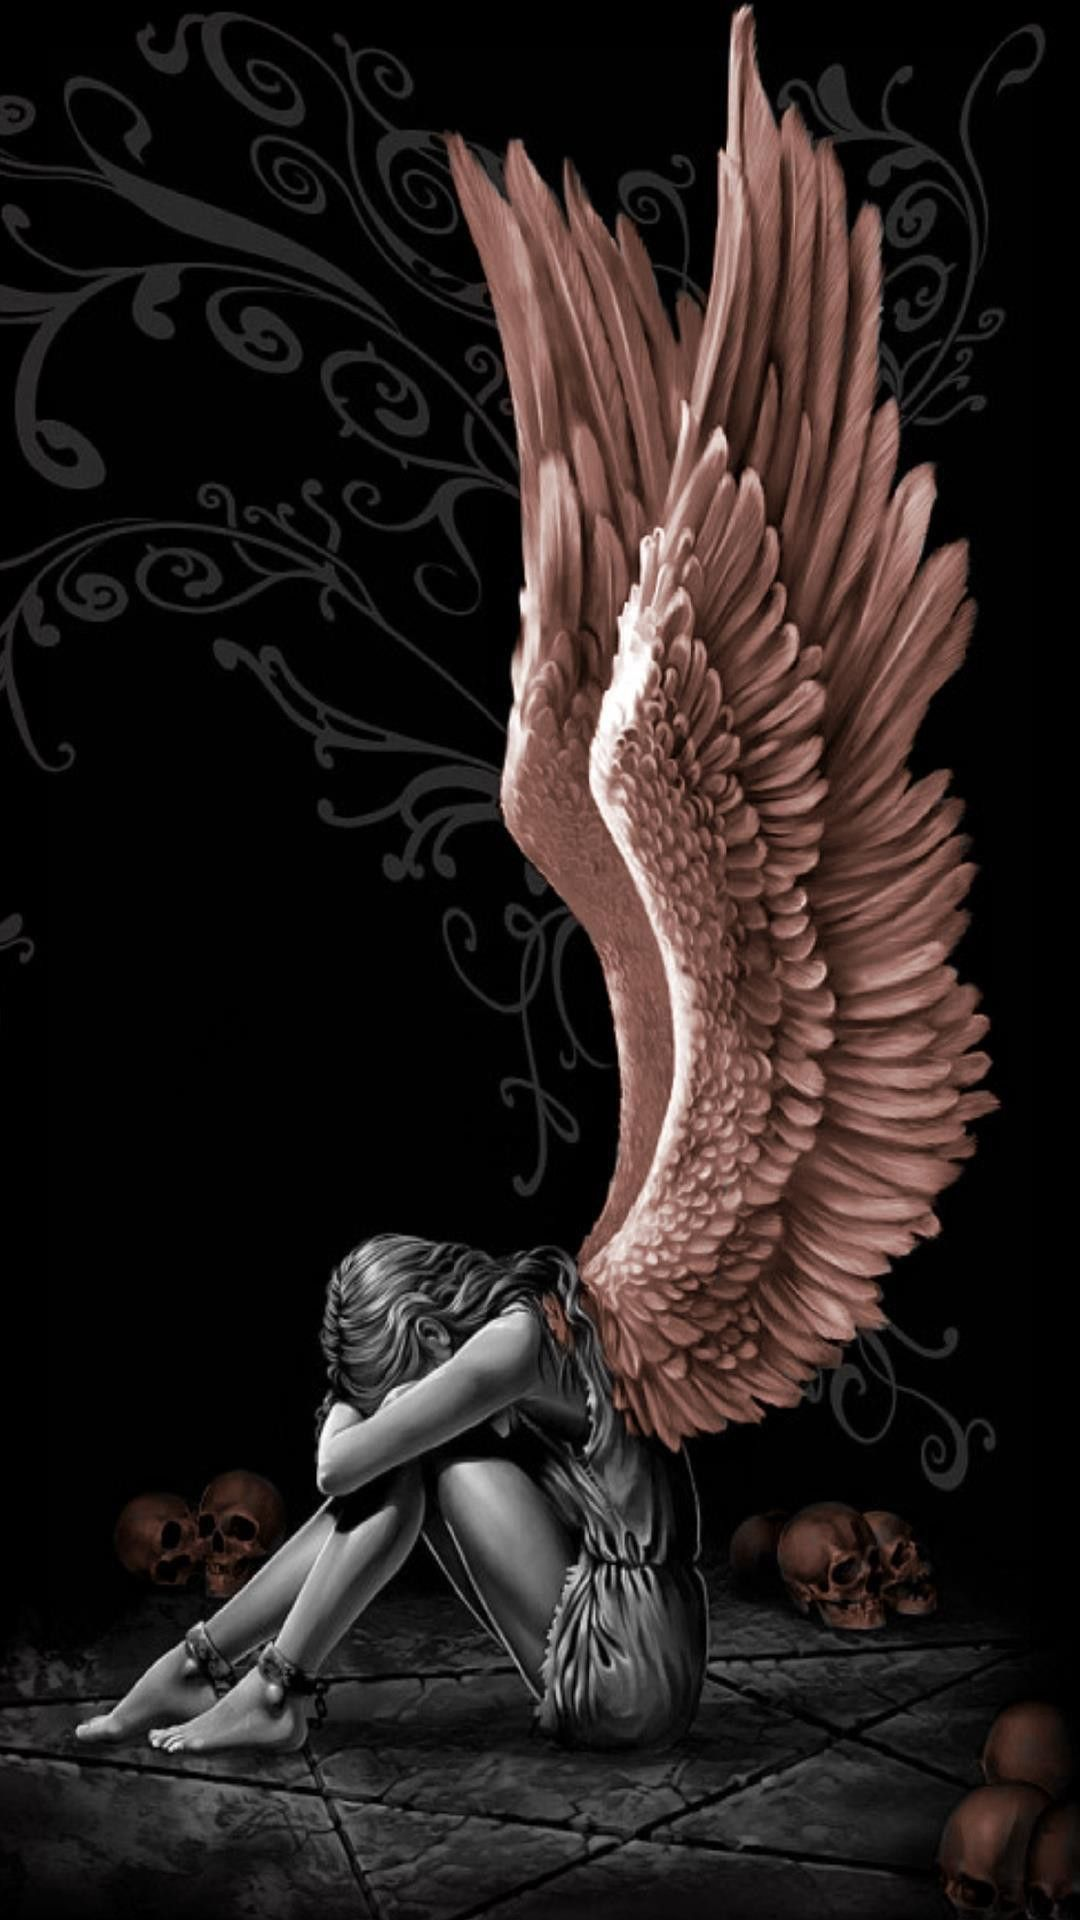 Dessin Ange Realiste Épinglé par sabine tell sur pour juju   dessin ange, art à